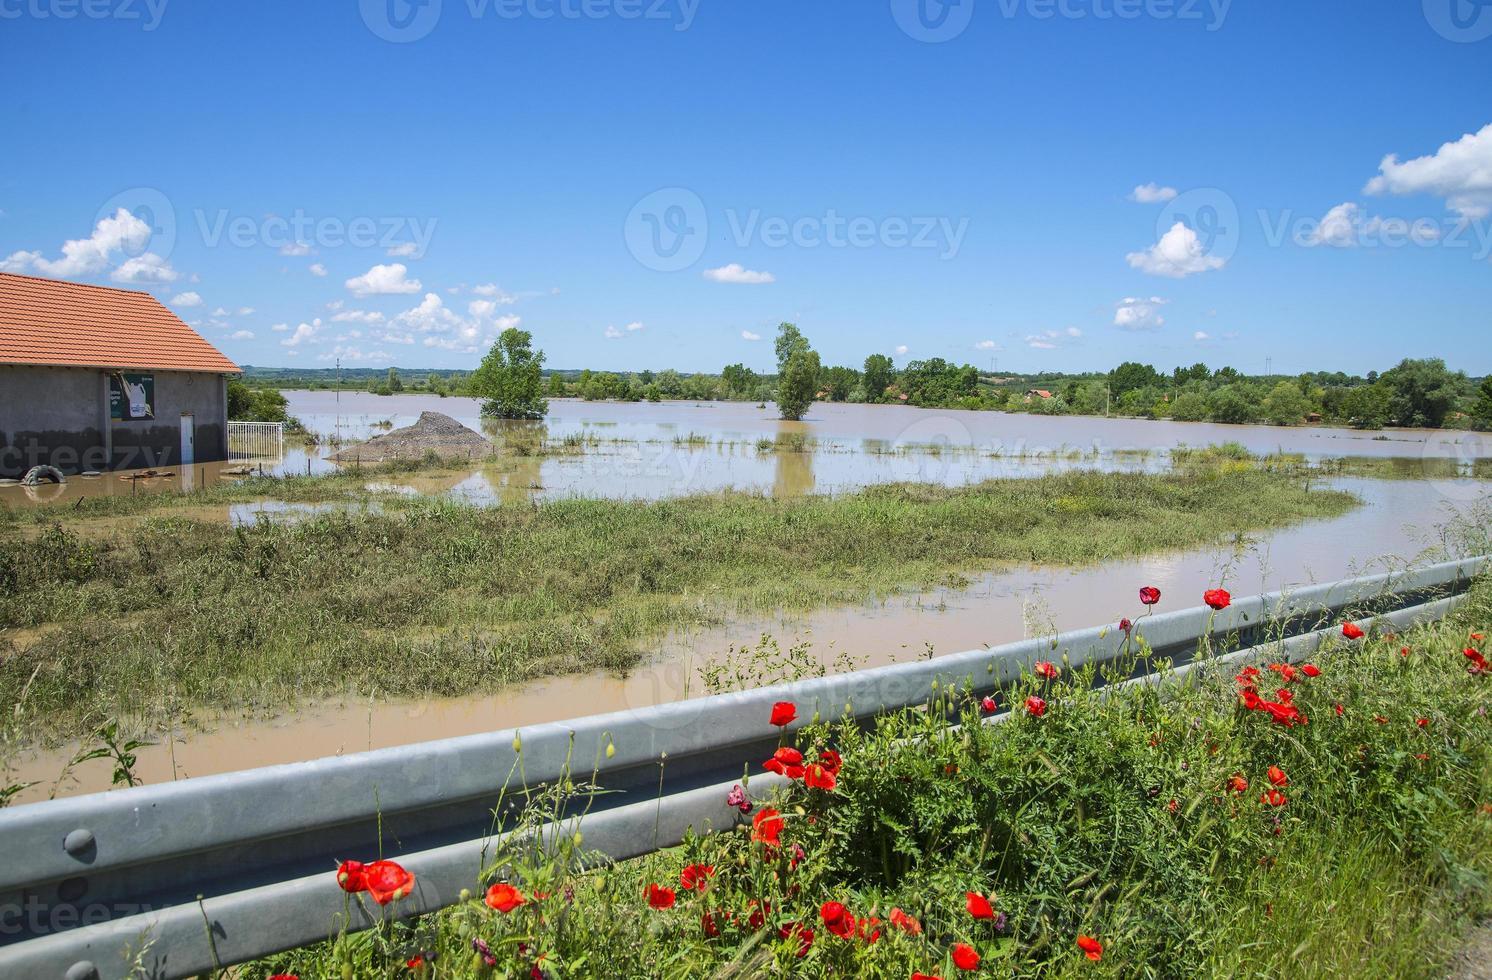 grande alluvione che comprendeva case, campi e strade foto